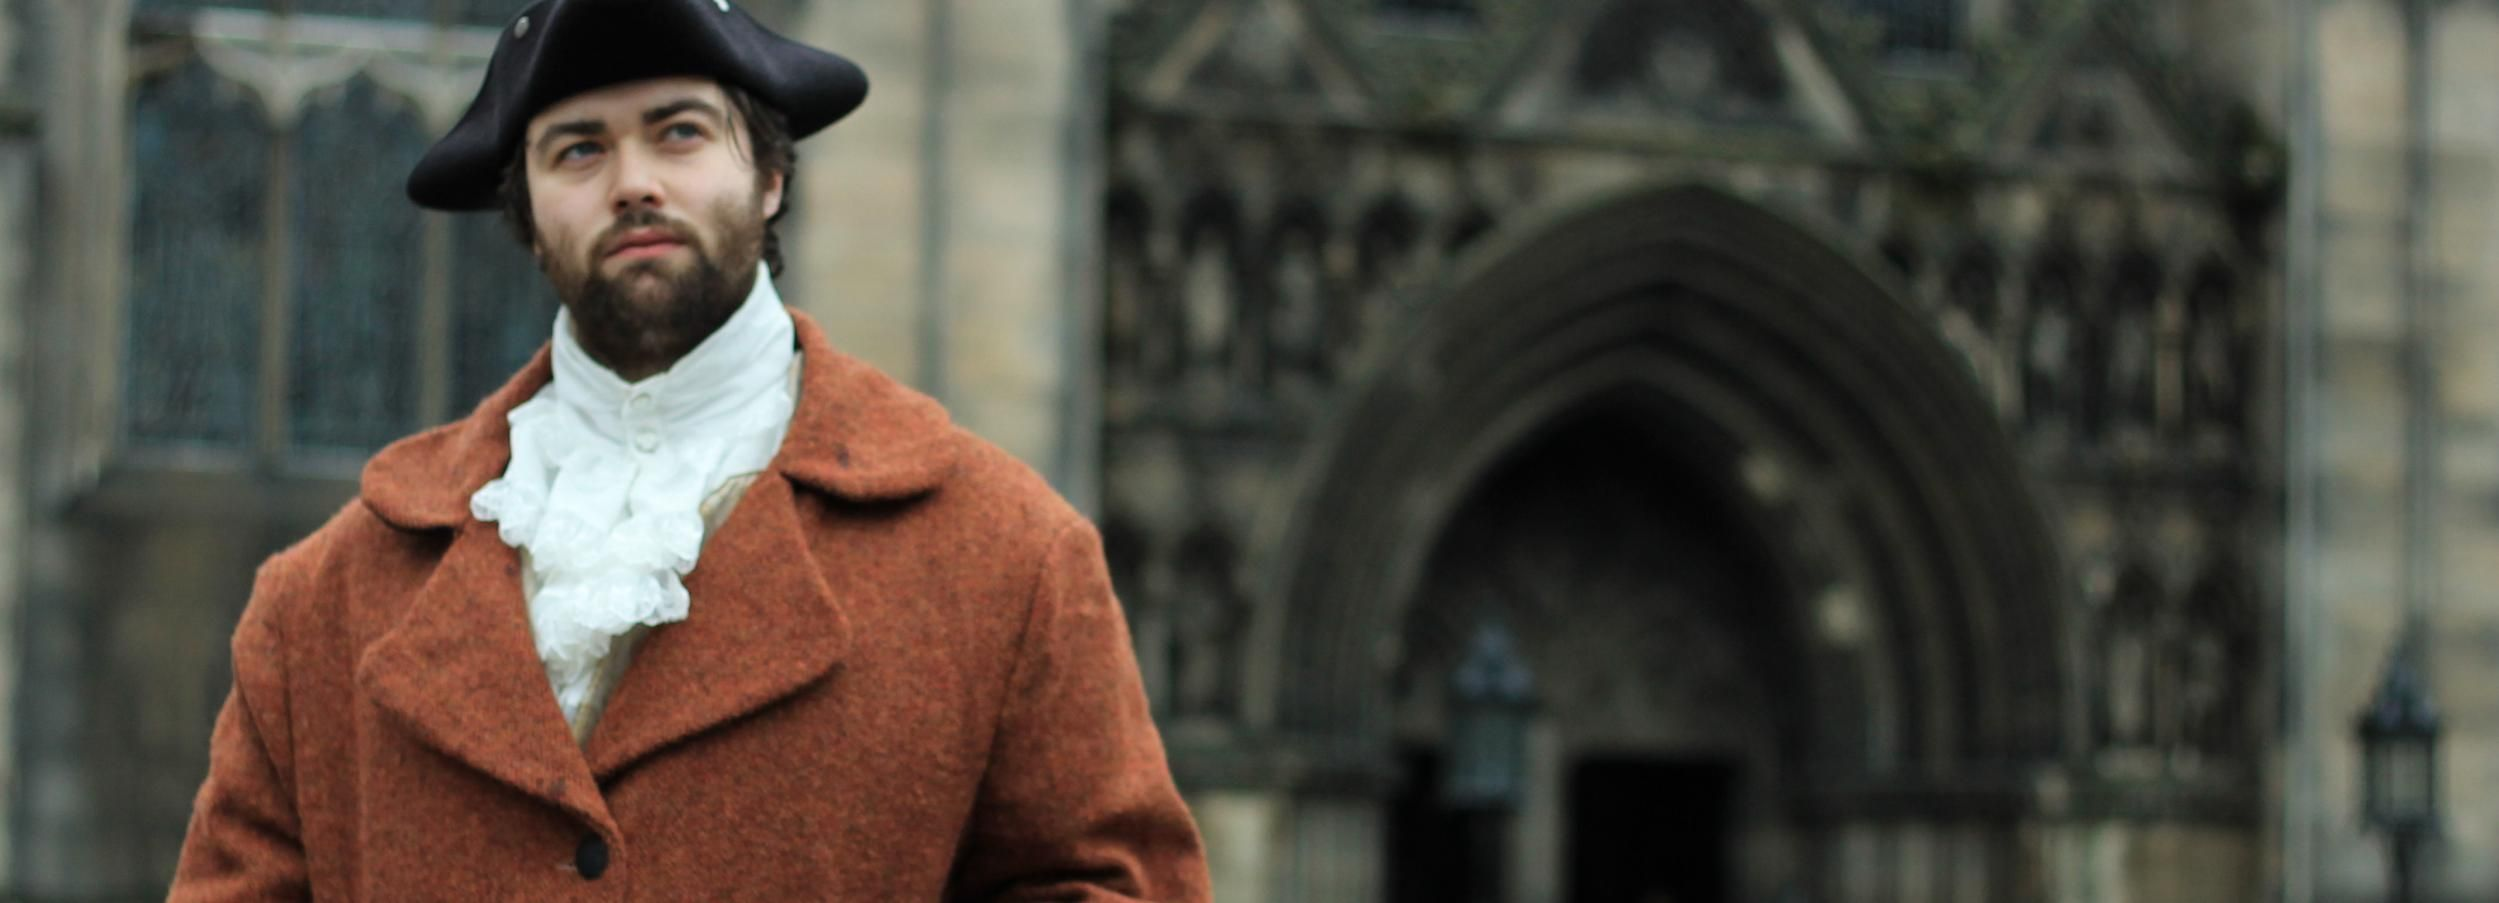 Édimbourg: visite guidée vieille ville et fantômes